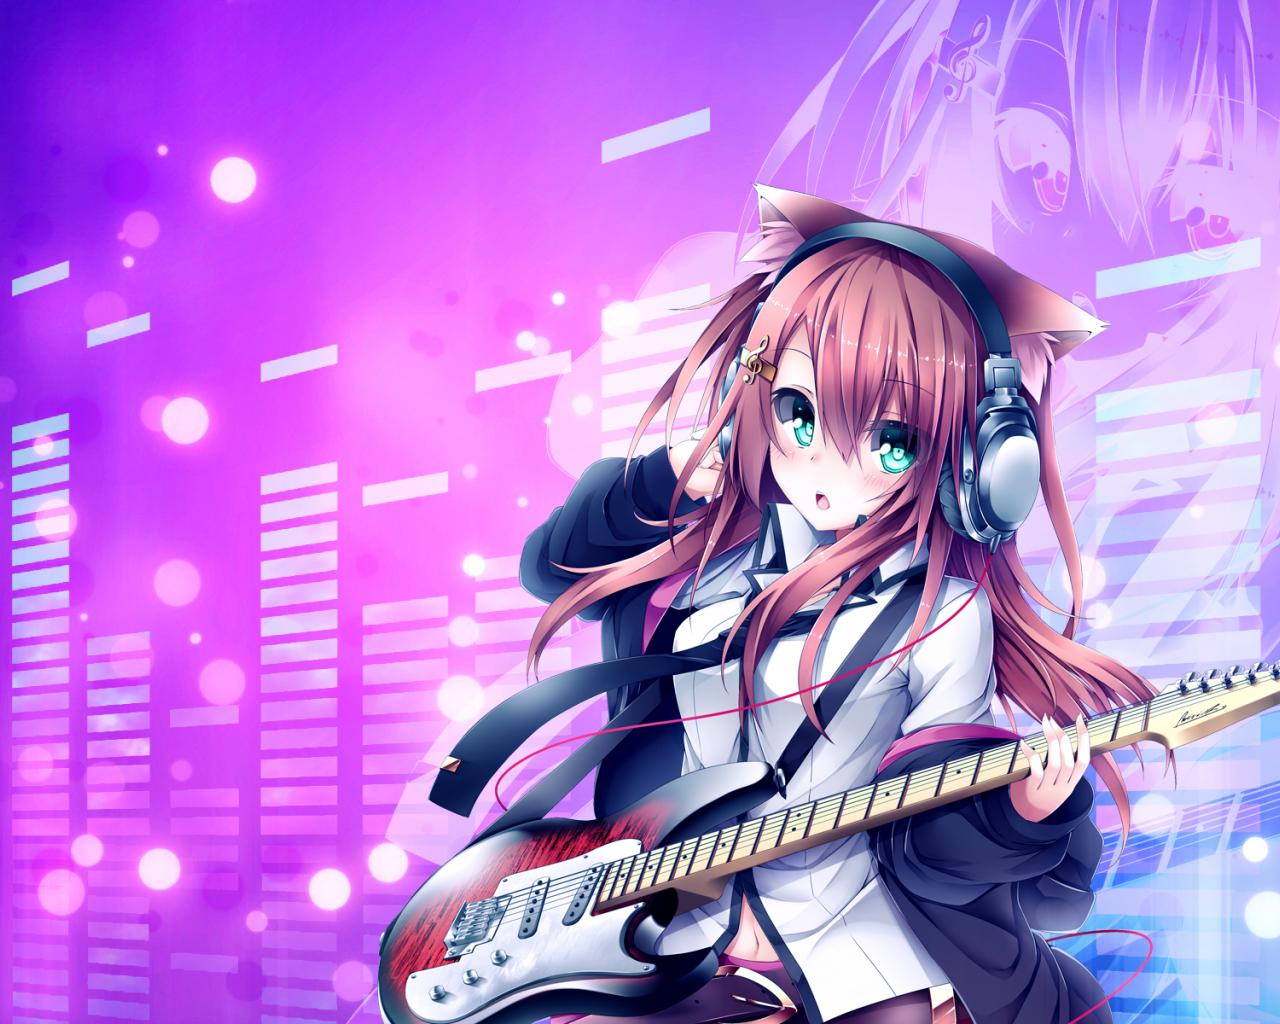 Girl cute gamer anime Game Anime